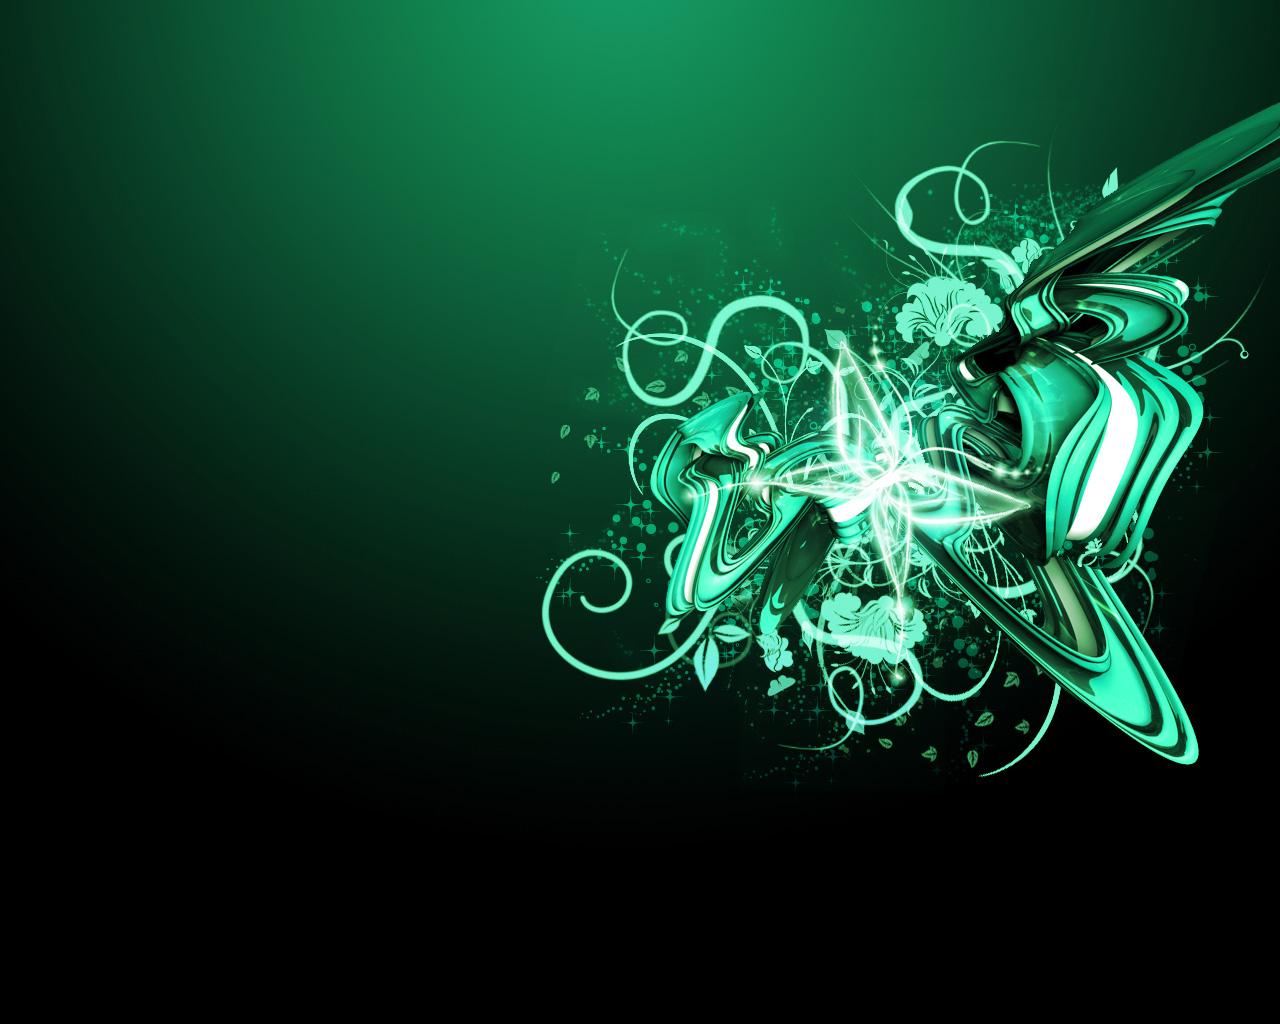 http://2.bp.blogspot.com/_SvfQP3lWWi8/TVDYLOiHaAI/AAAAAAAAAg4/AMZqpfjhbyM/s1600/dwynariel.deviantart.com_First_Wallpaper_Green_by_Dwynariel.jpg